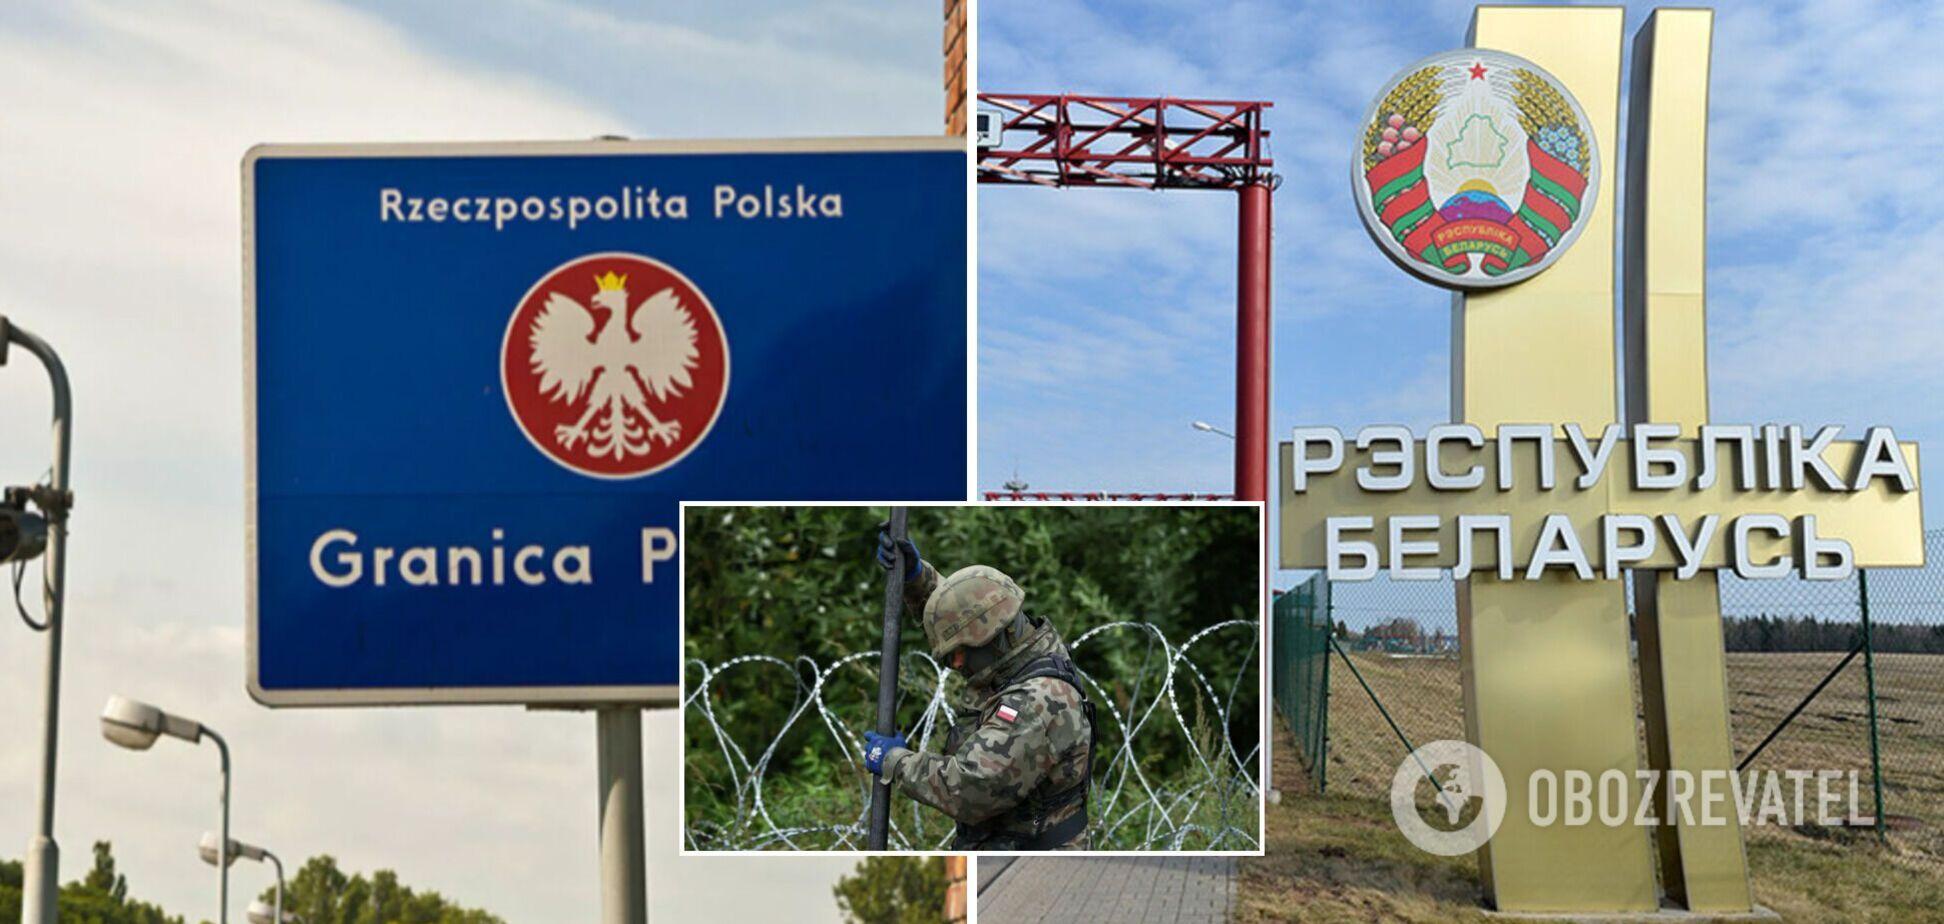 Польша ввела чрезвычайное положение на границе с Беларусью: названа причина